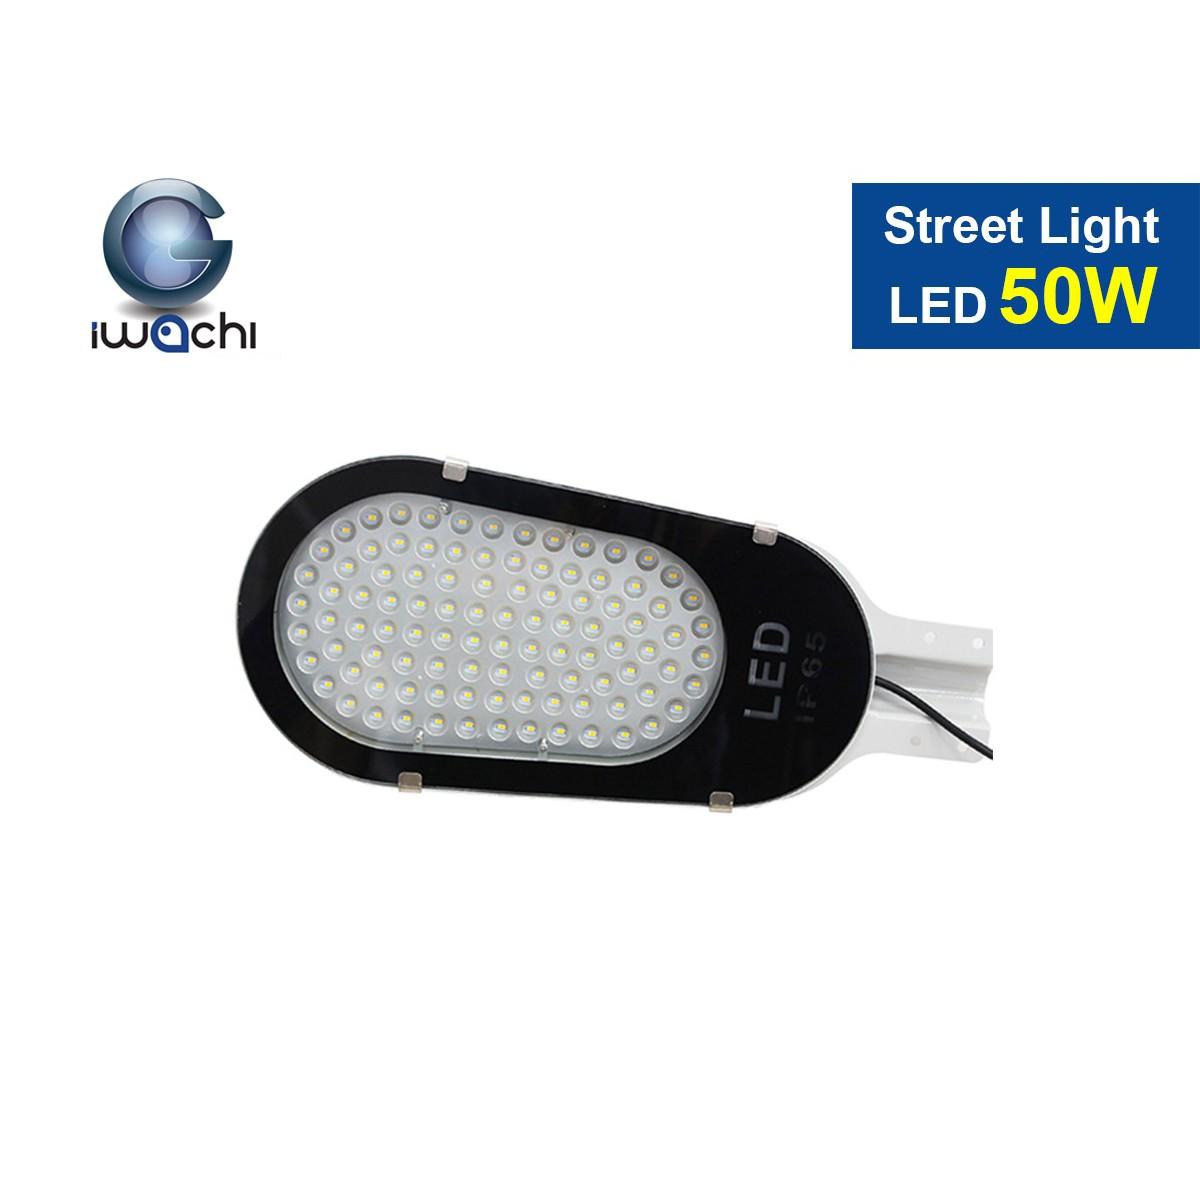 โคมไฟถนน LED Street Light พร้อมขายึด 50w (วอร์มไวท์) IWACHI